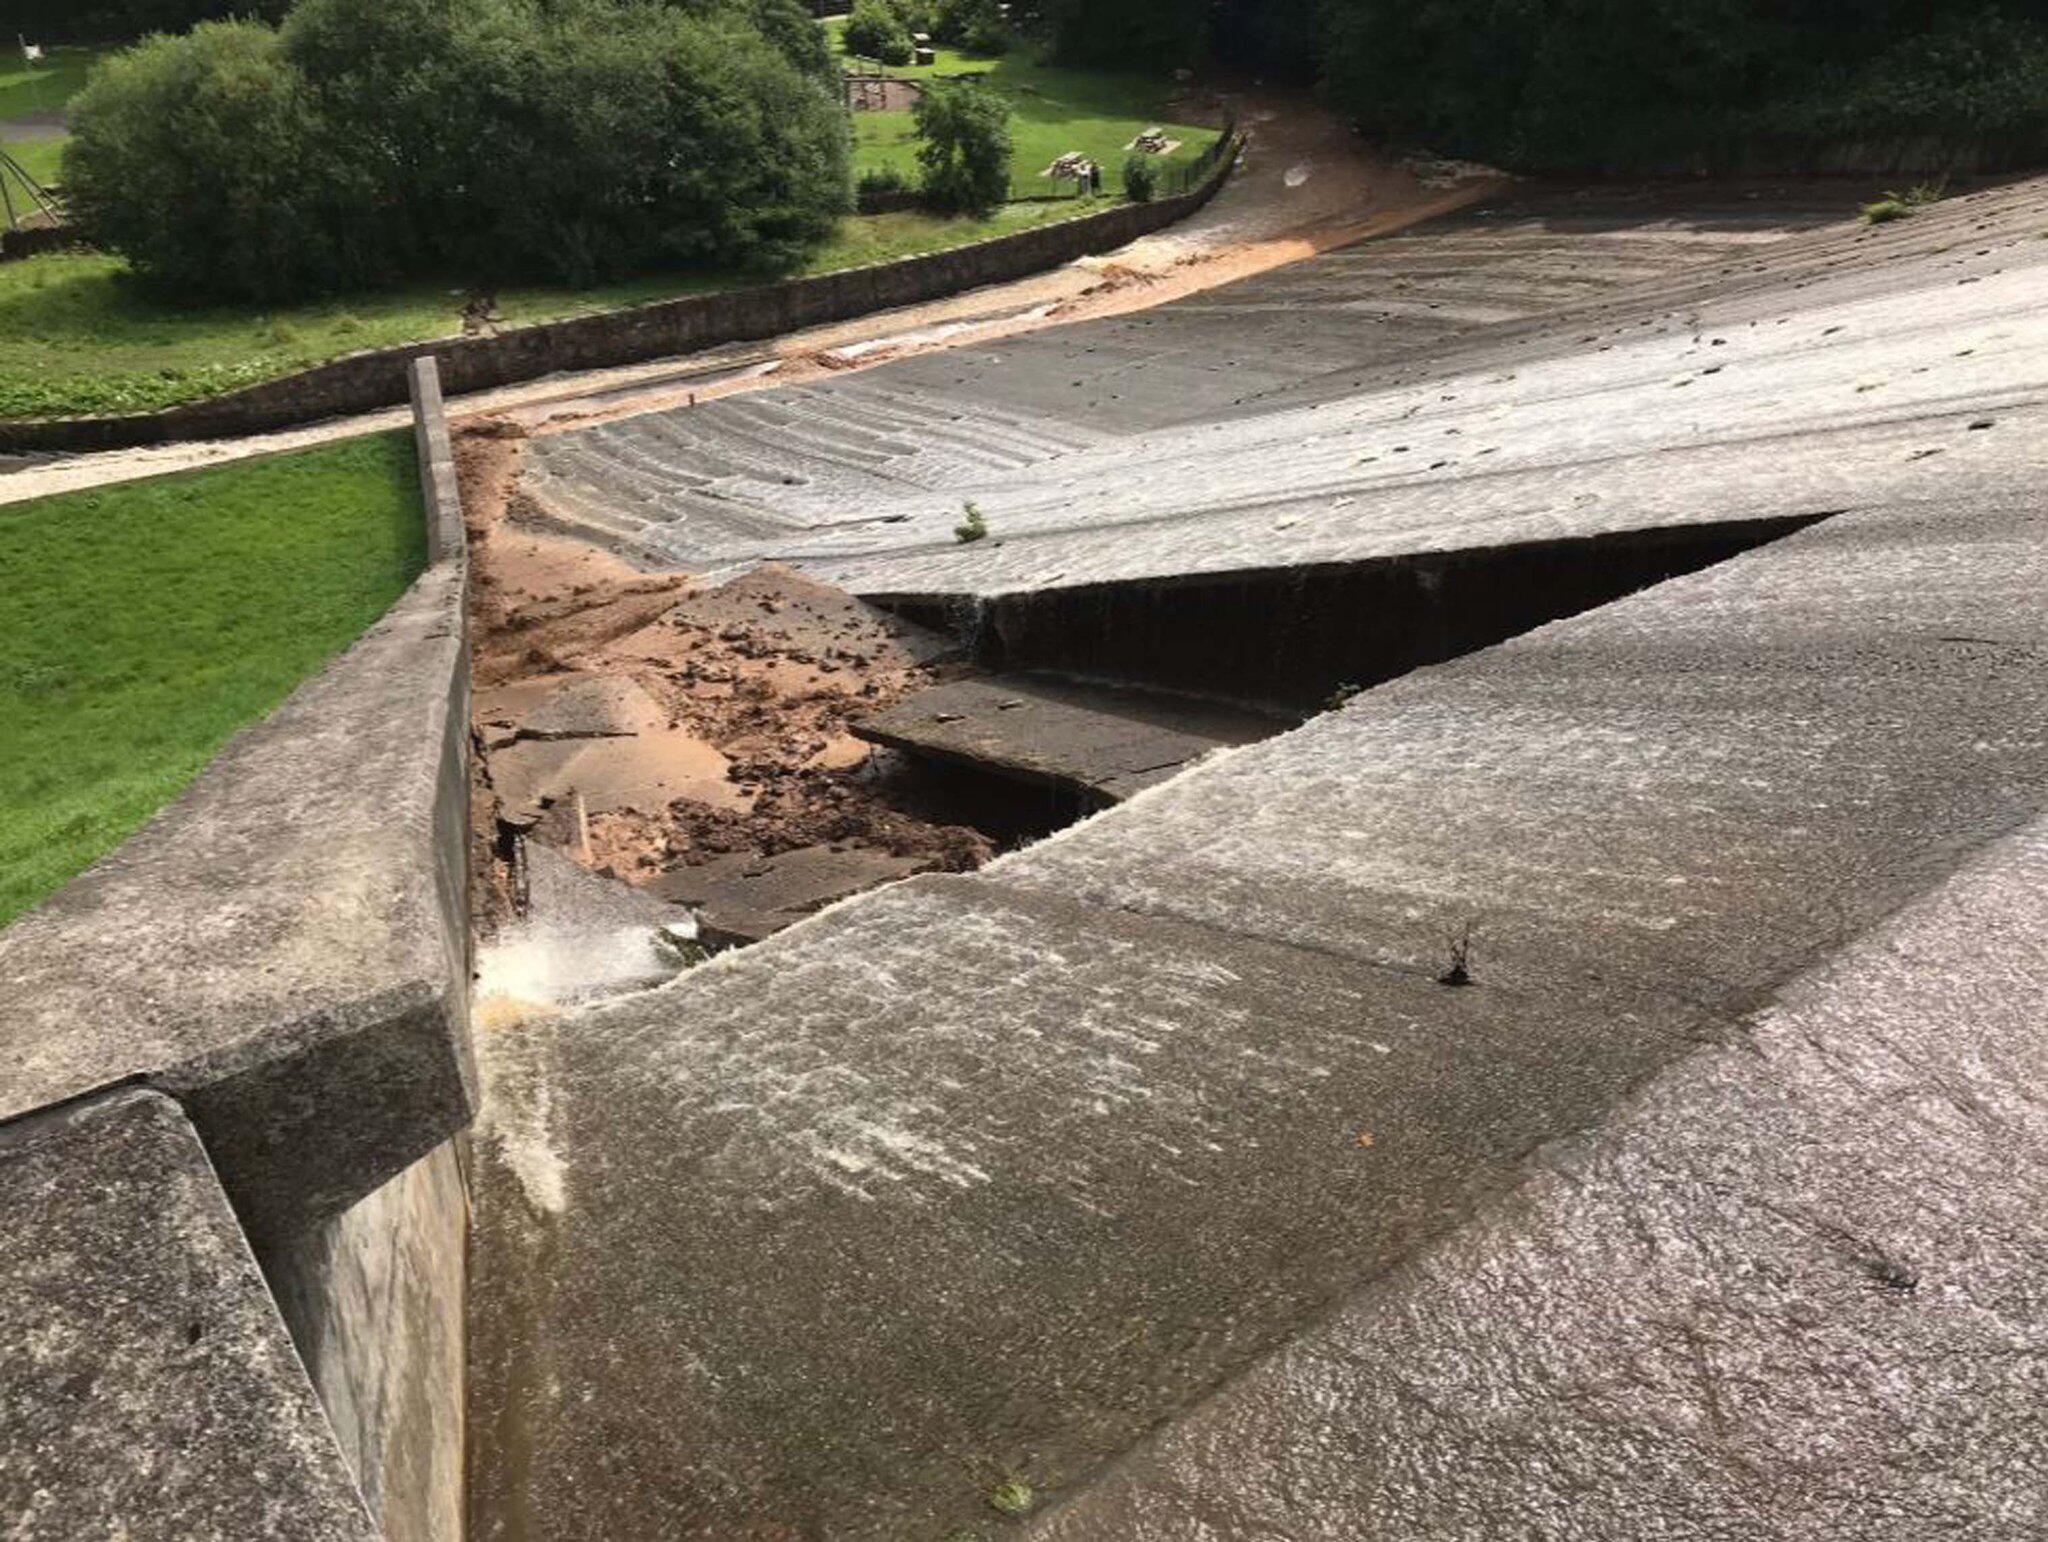 Bild zu Damm im Norden Englands droht zu brechen